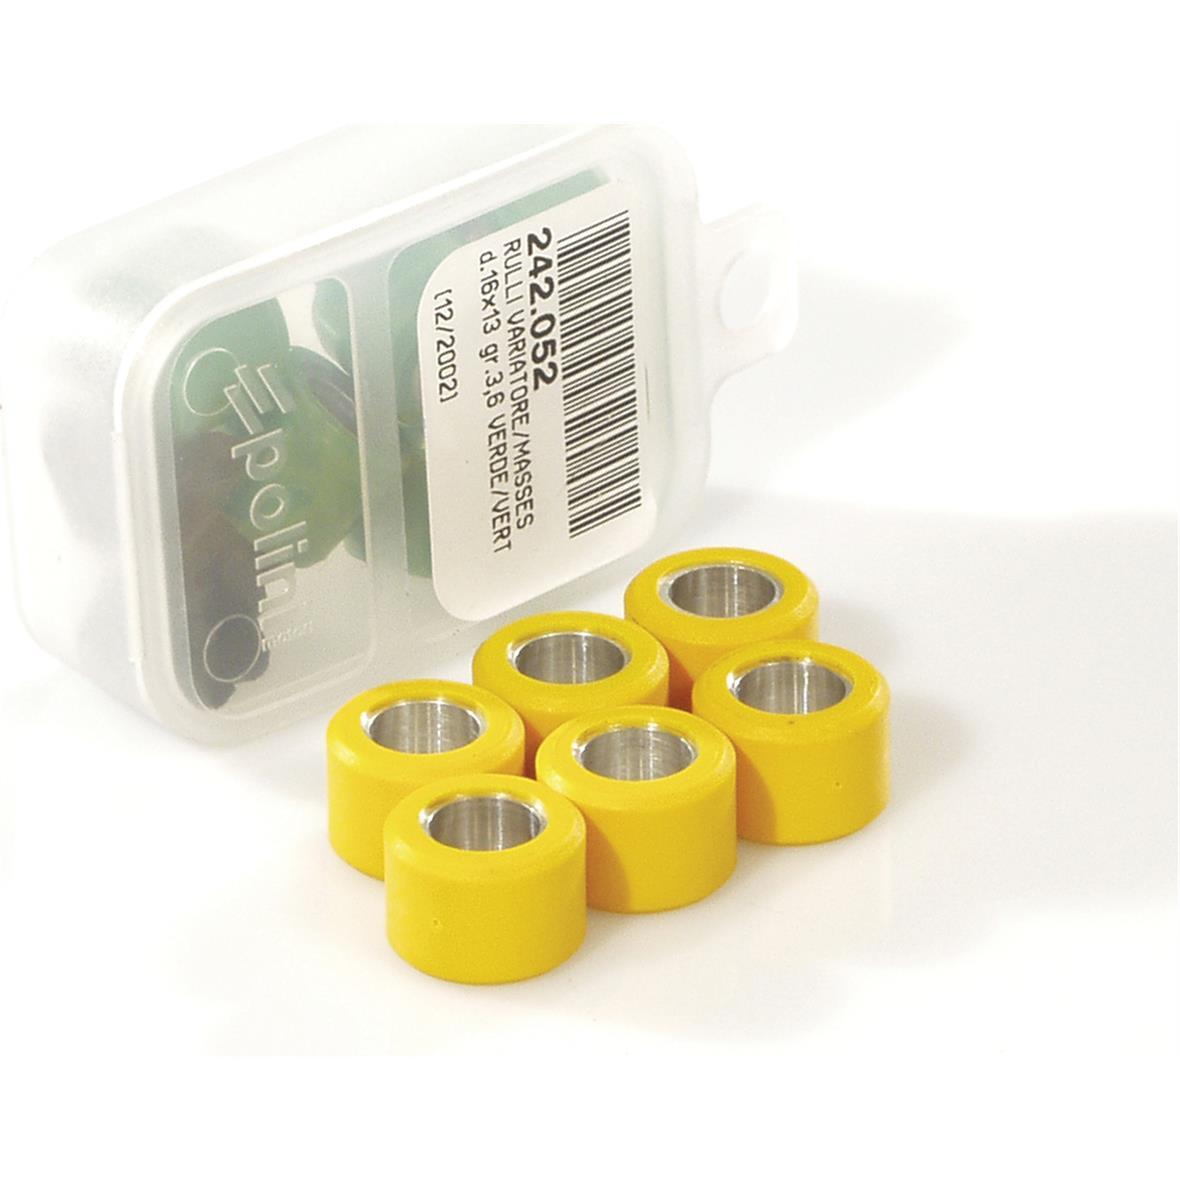 Obrázek výrobku pro 'Válečky variátoru POLINI 17x12 mm 9,2 gramTitle'